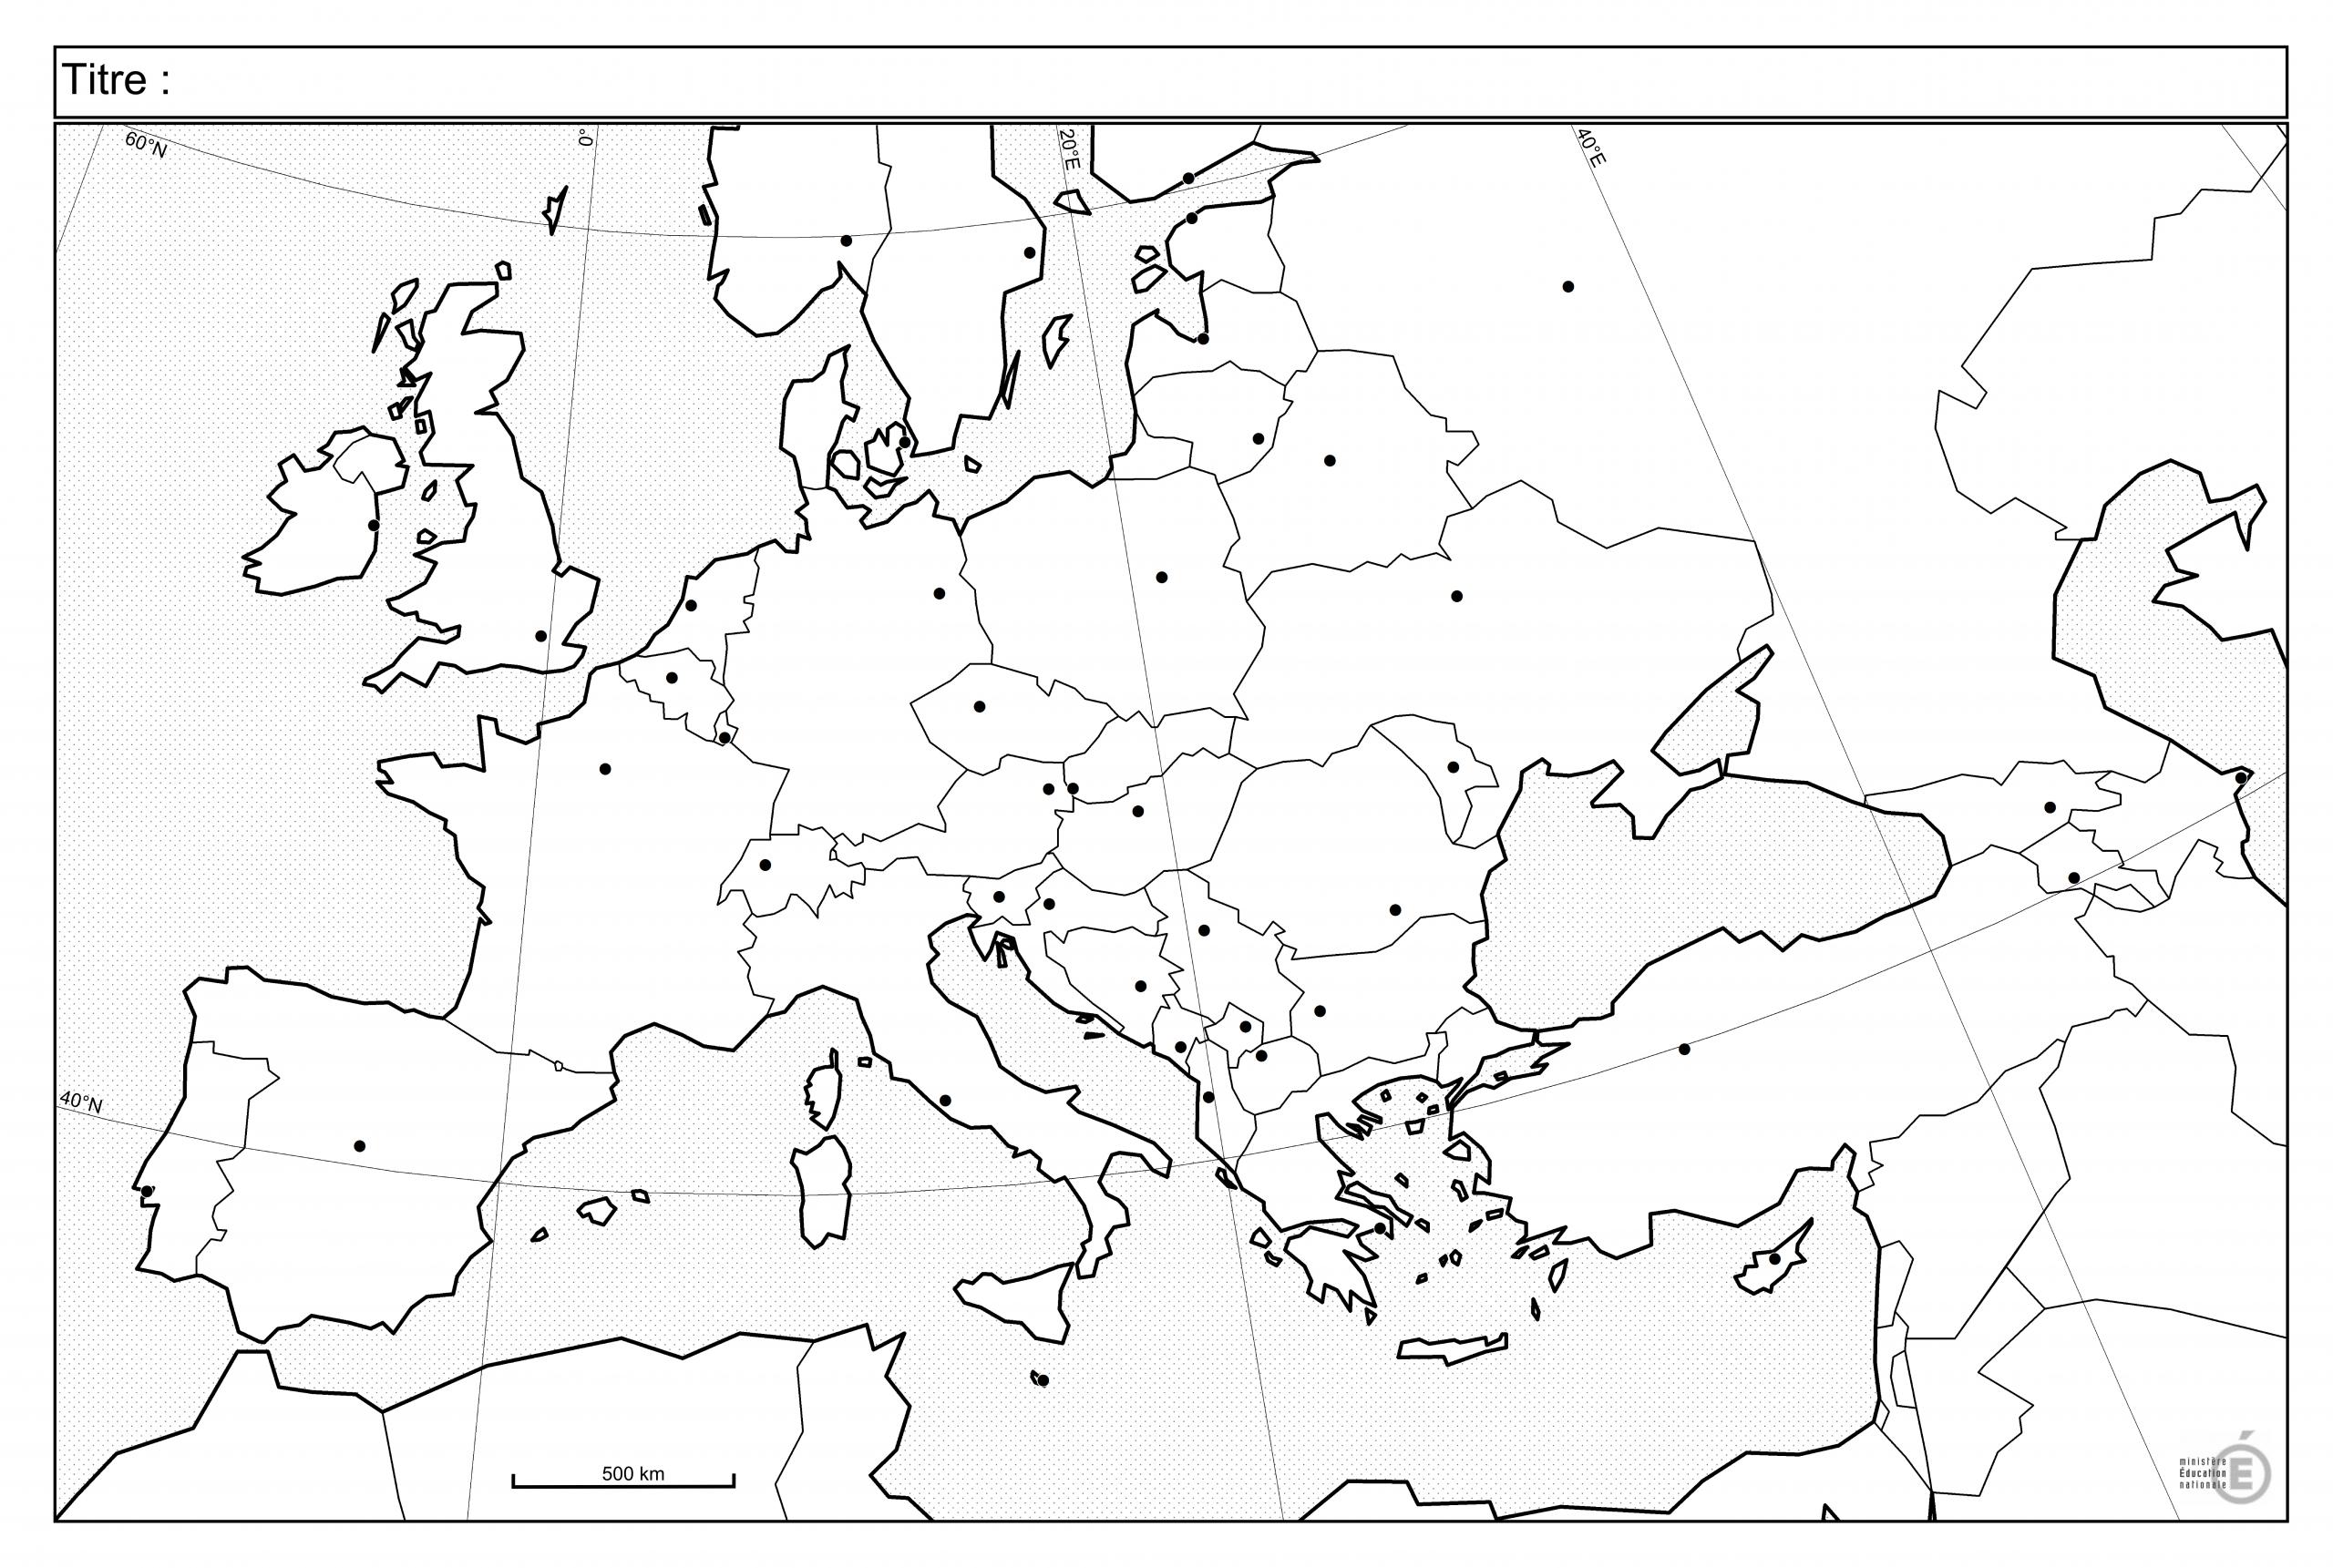 Fonds De Carte - Histoire-Géographie - Éduscol concernant Carte Europe Capitale